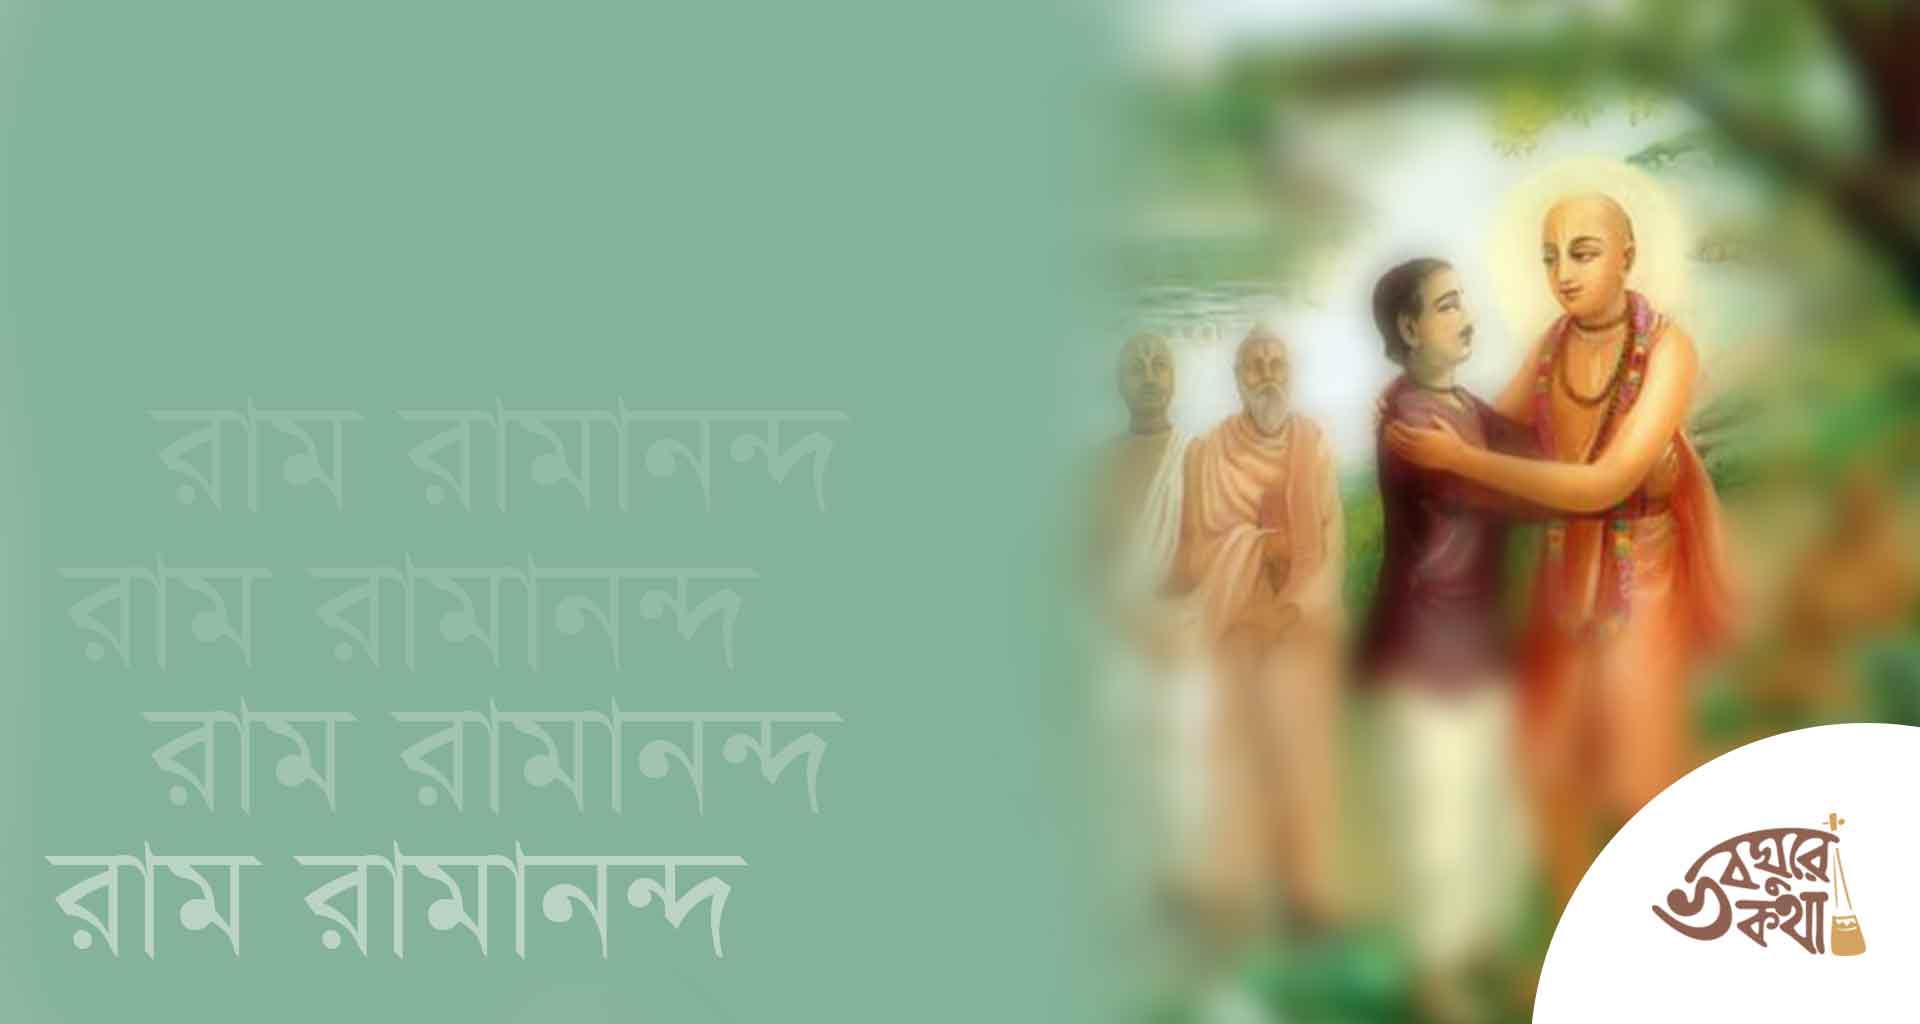 নীলাচলে মহাপ্রভুর অন্ত্যলীলার অন্যতম পার্ষদ ছিলেন রায় রামানন্দ